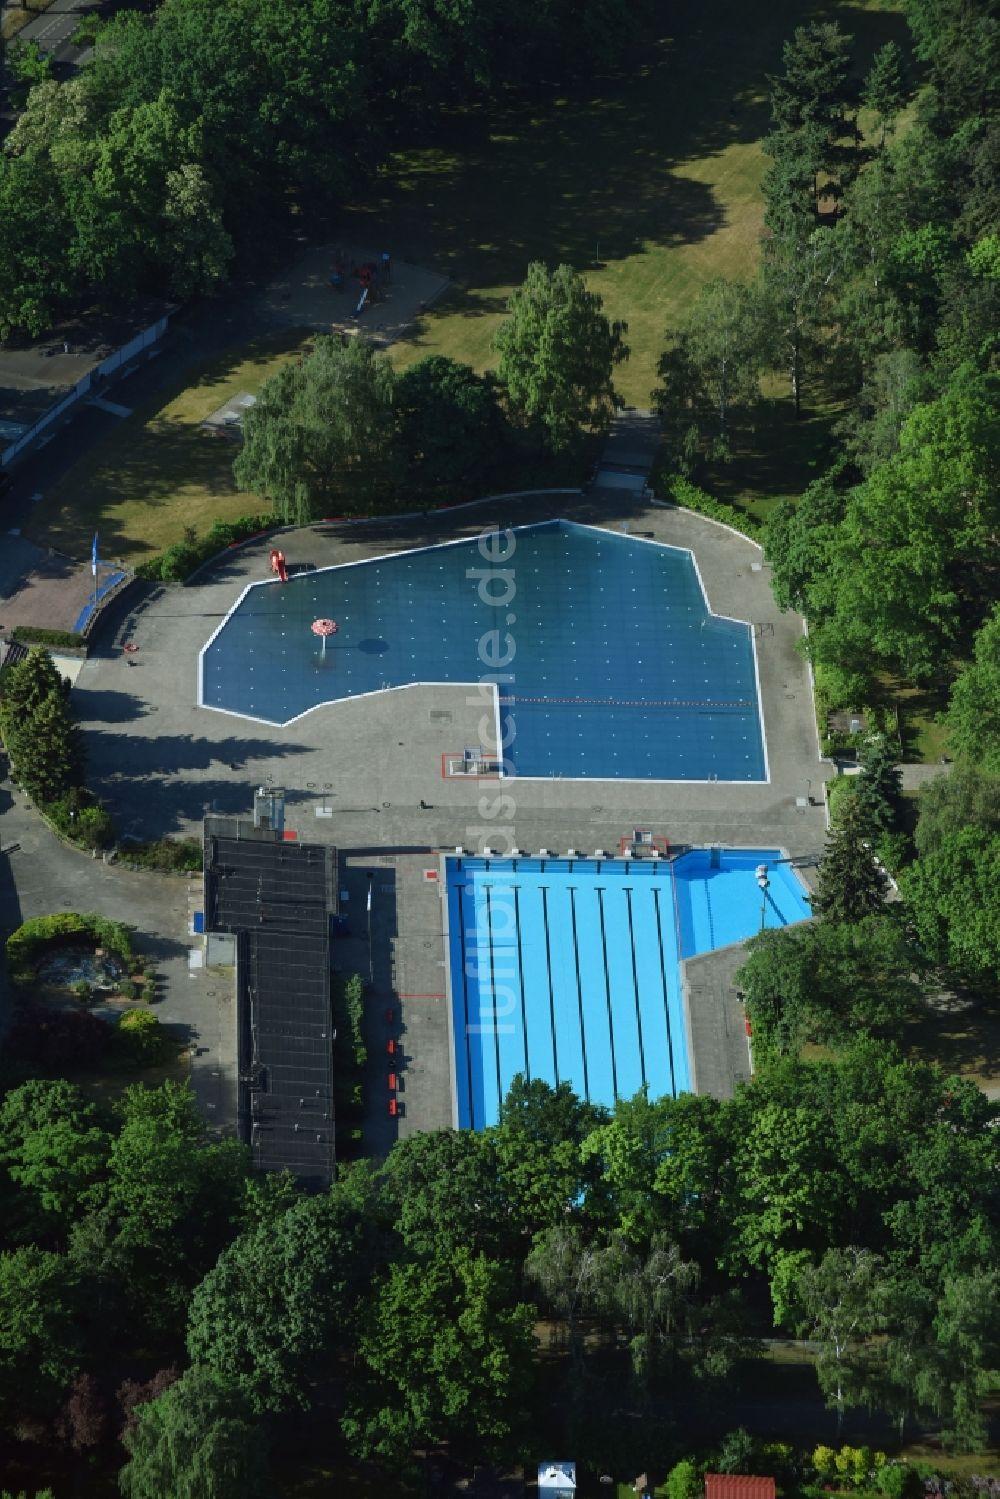 Luftaufnahme Berlin   Schwimmbecken Des Freibades Sommerbad Mariendorf An  Der Rixdorfer Straße In Berlin, Deutschland